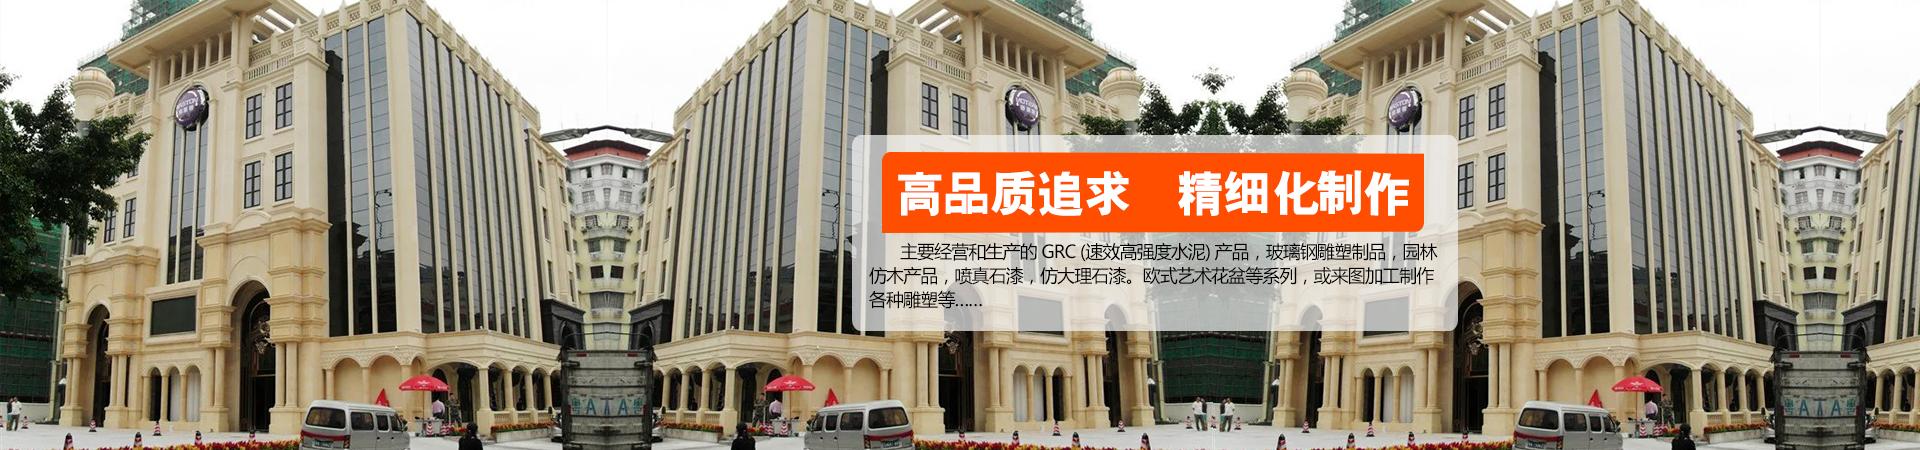 广西窗套厂家,广西南宁仿大理石漆